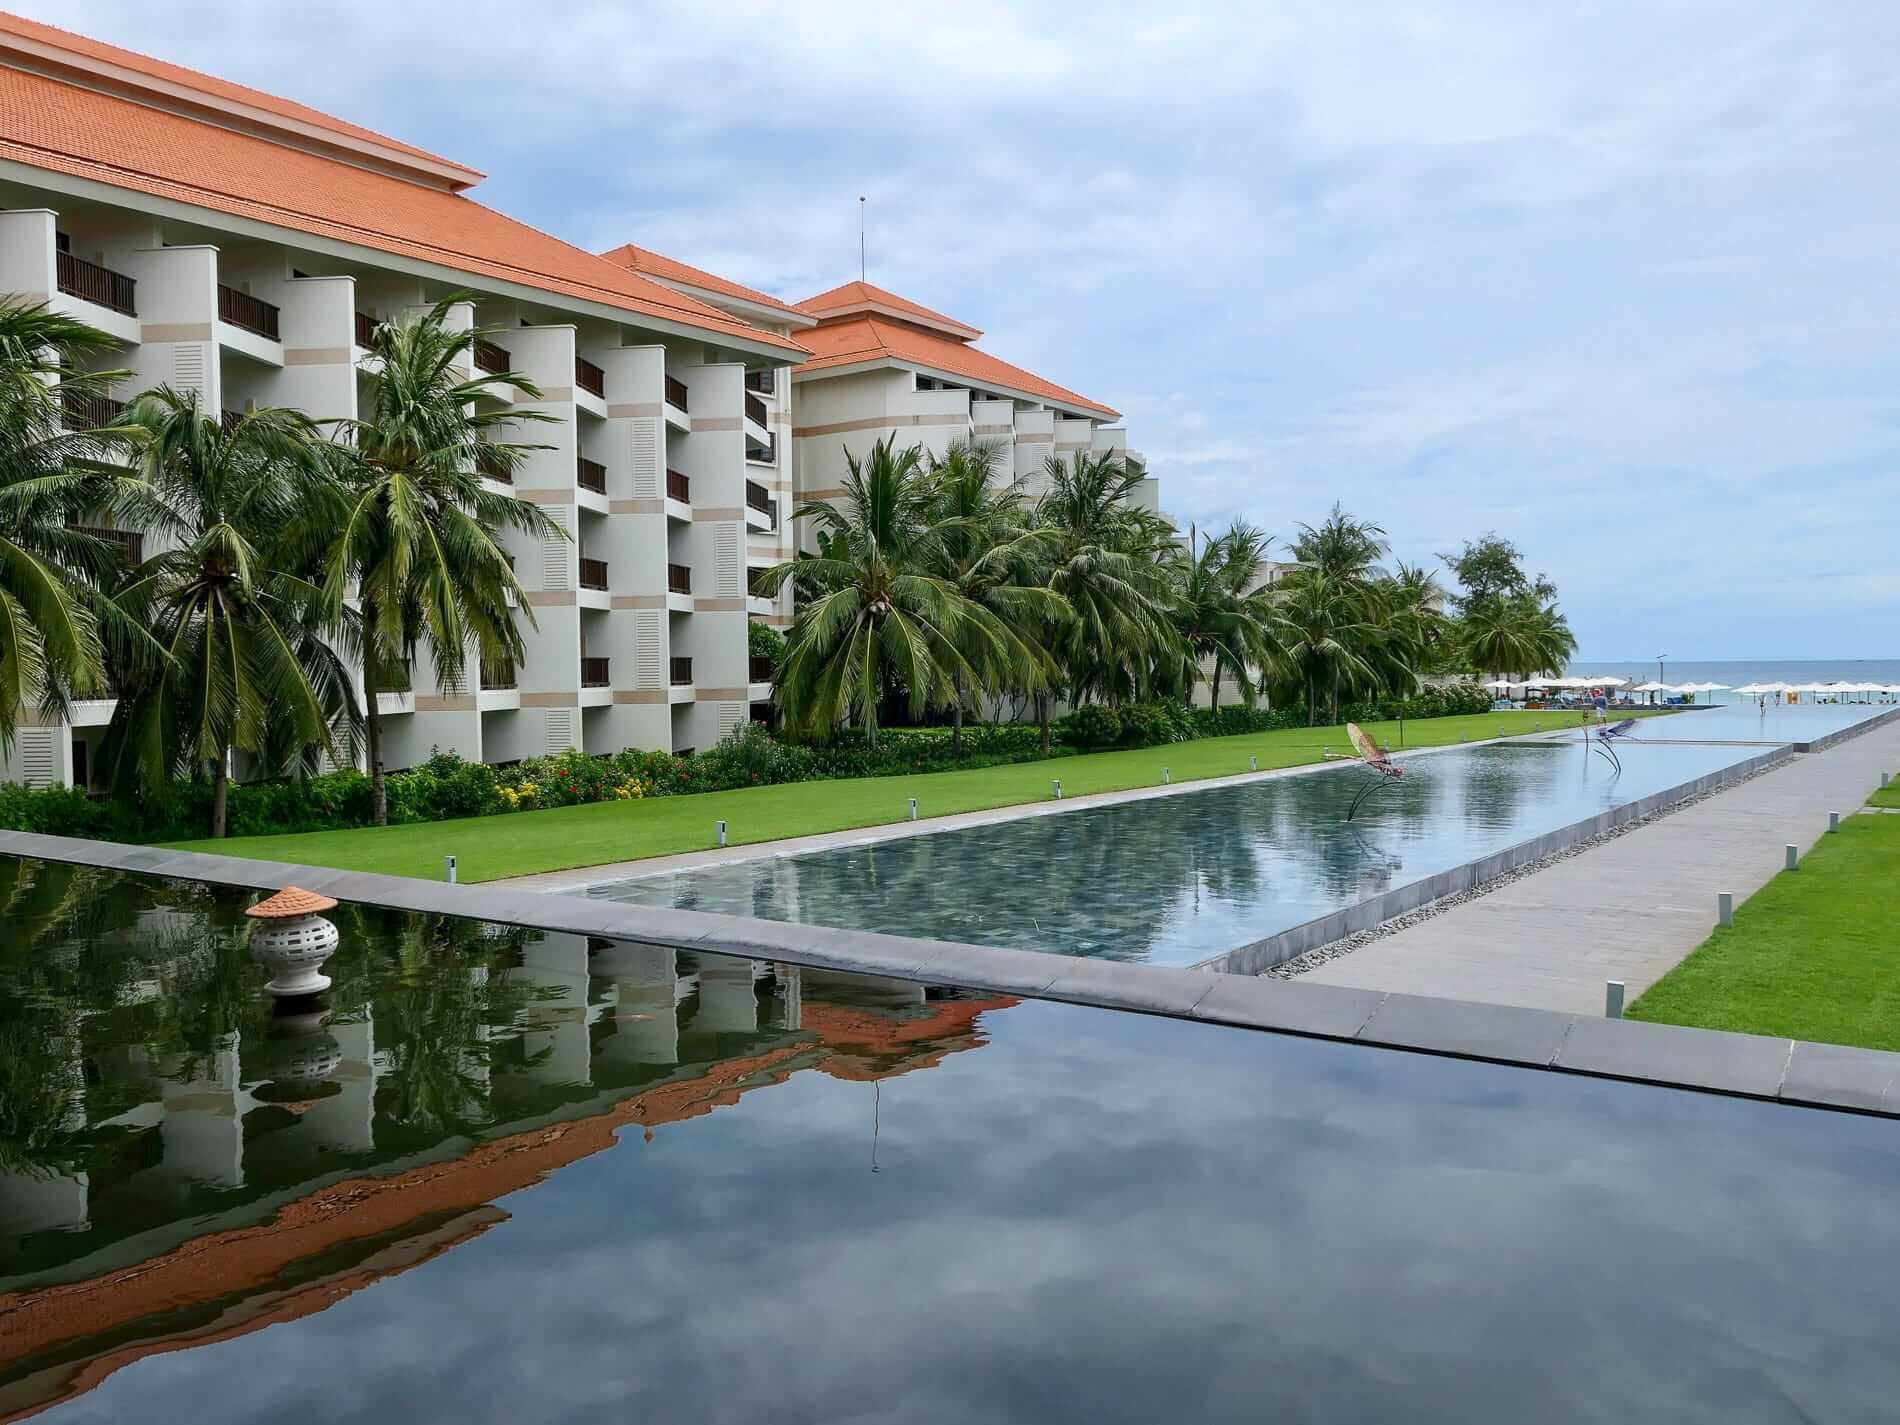 Luxury resorts like the Pullman line My Khe beach in Da Nang